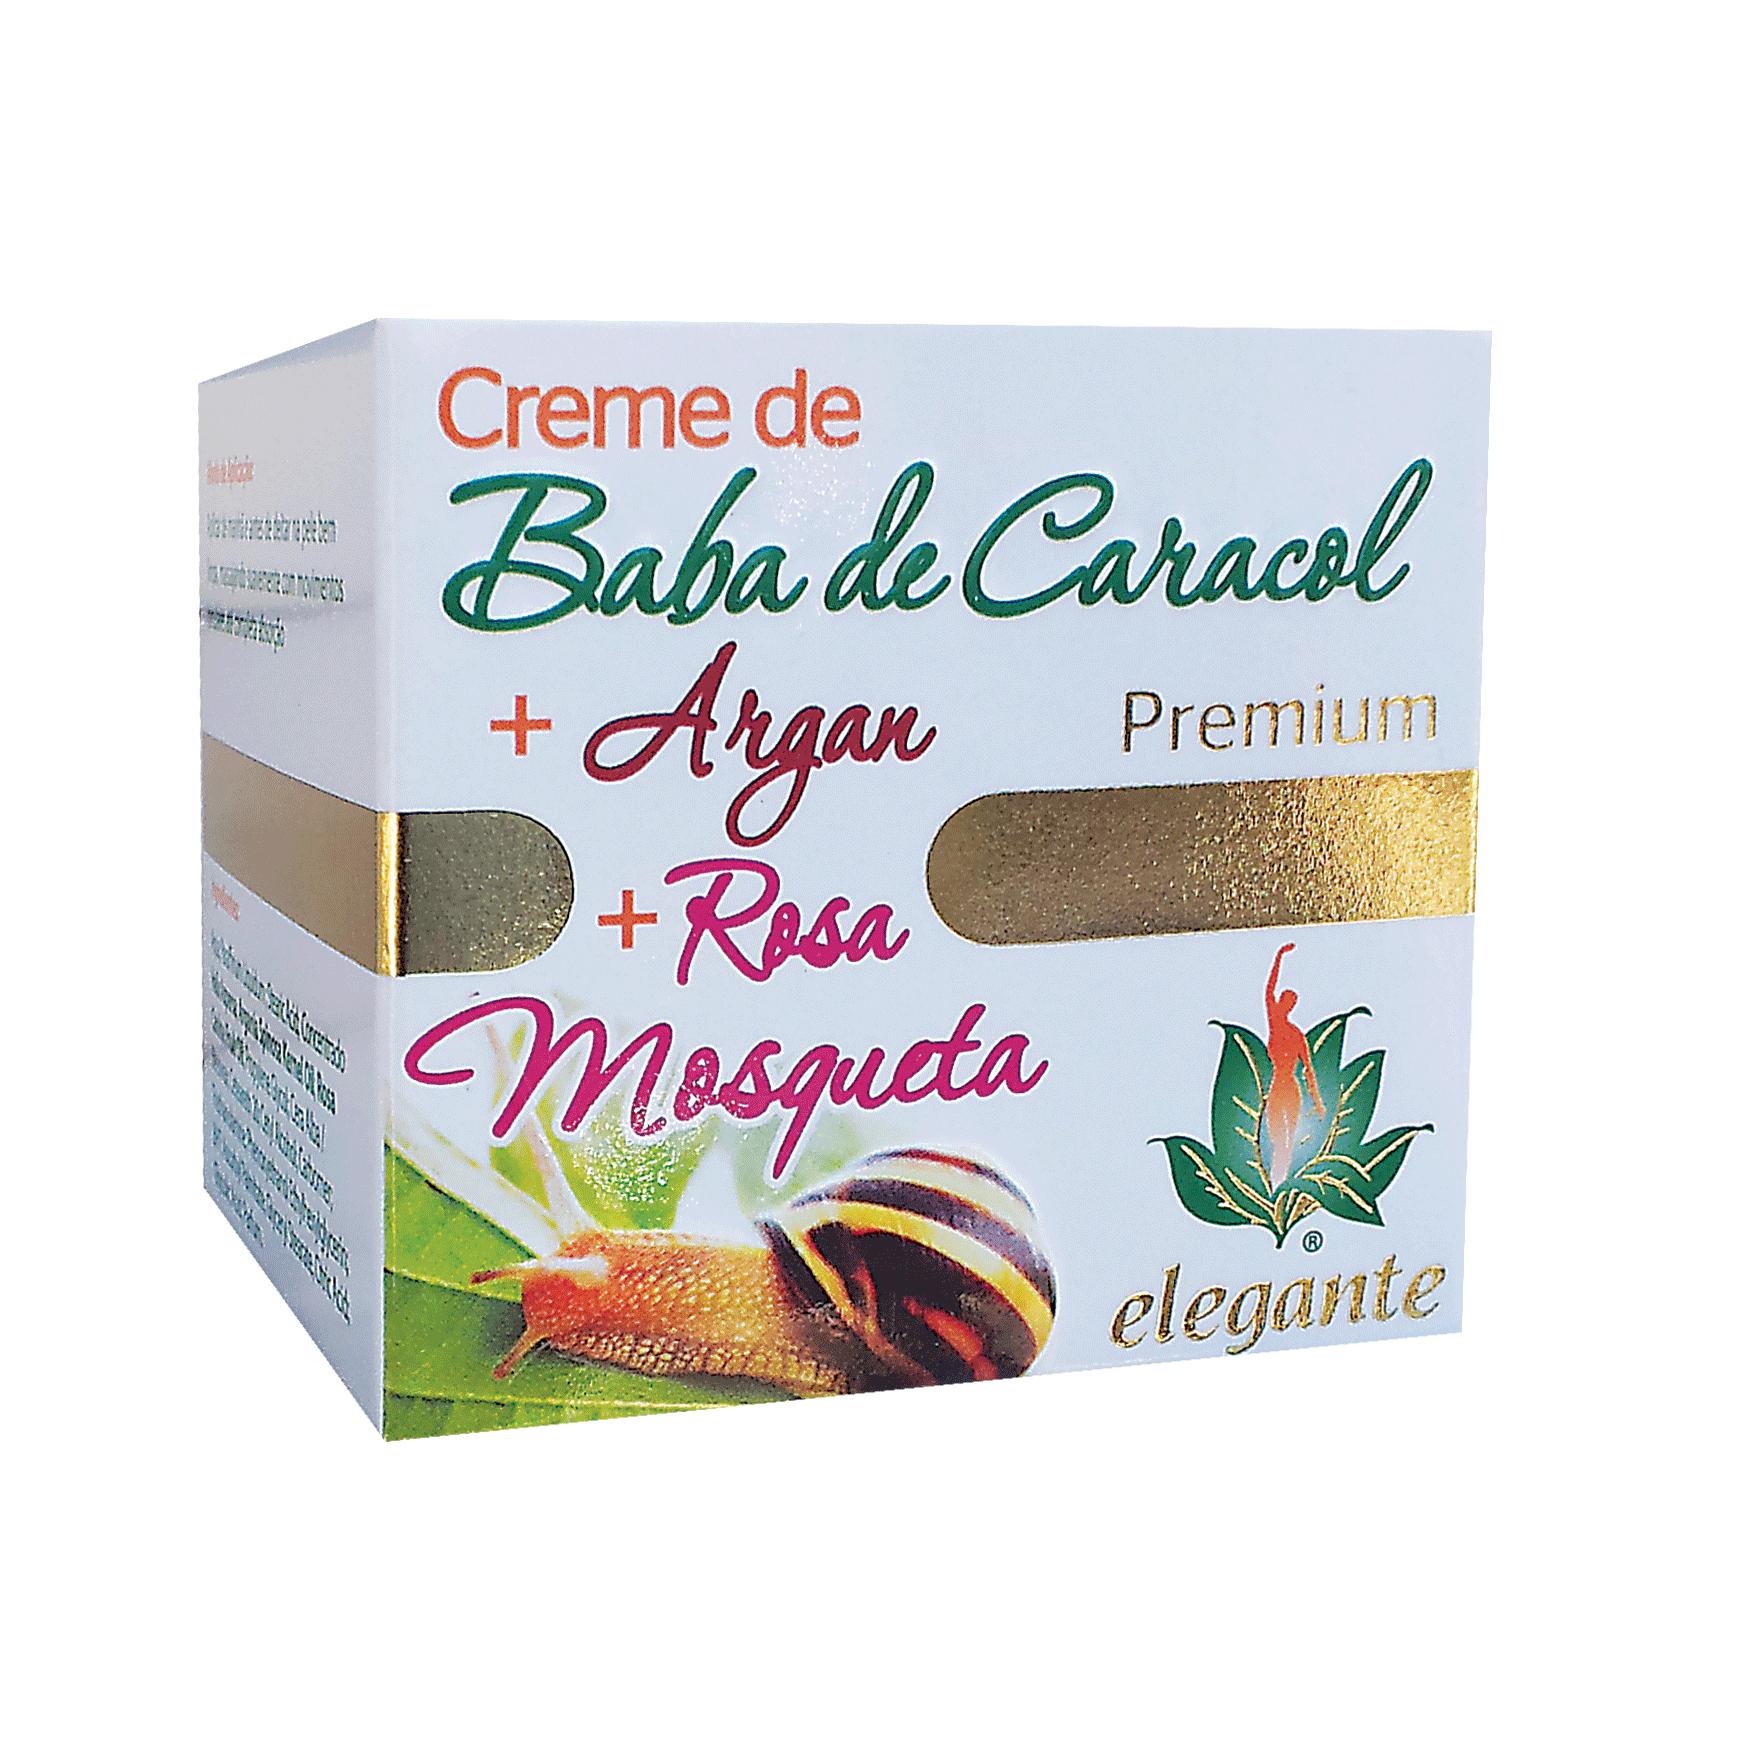 Creme Baba de Caracol + Argan + Rosa Mosqueta PREMIUM